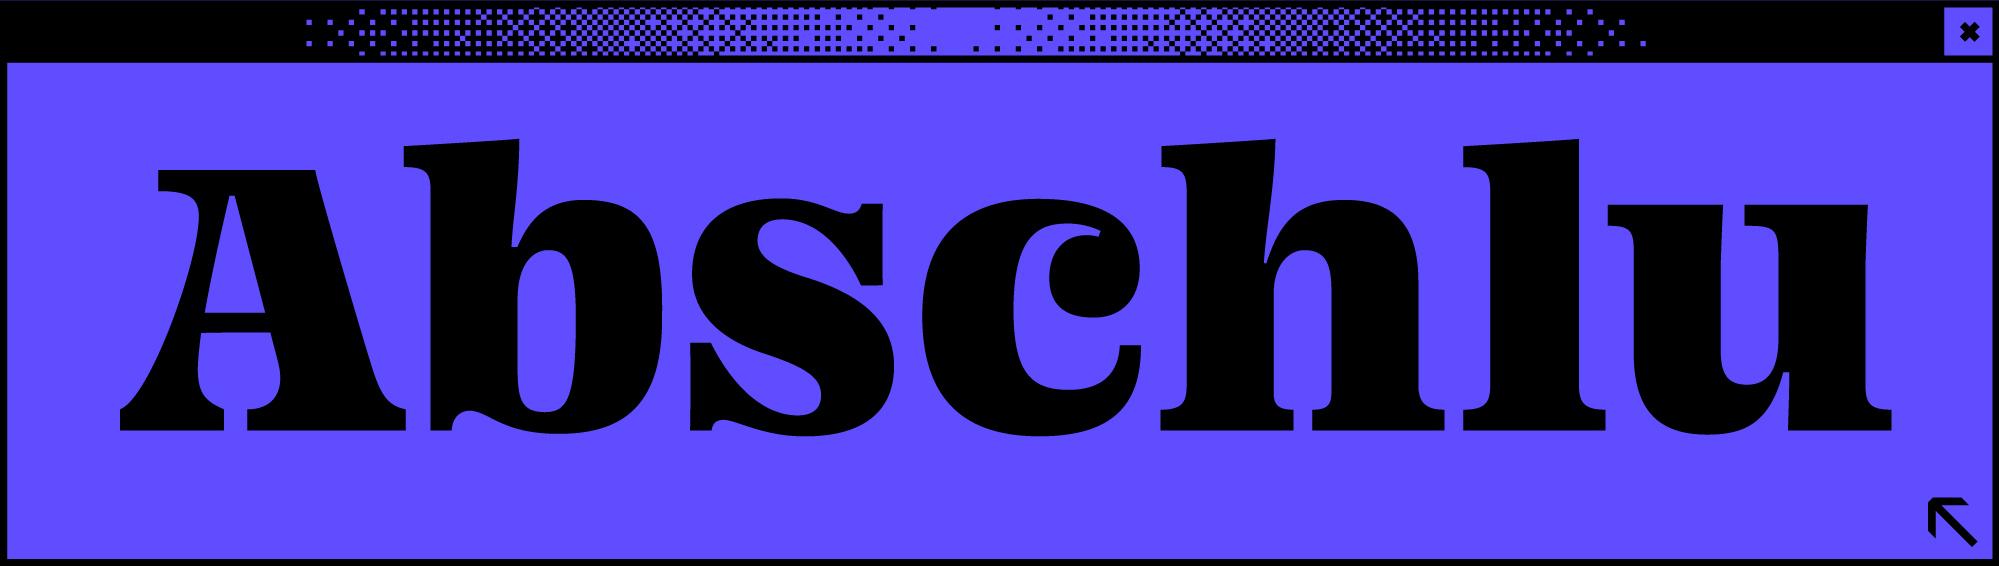 Dunkelblaues Browserfenster mit Wortabschnitt Abschlu in der Mitte